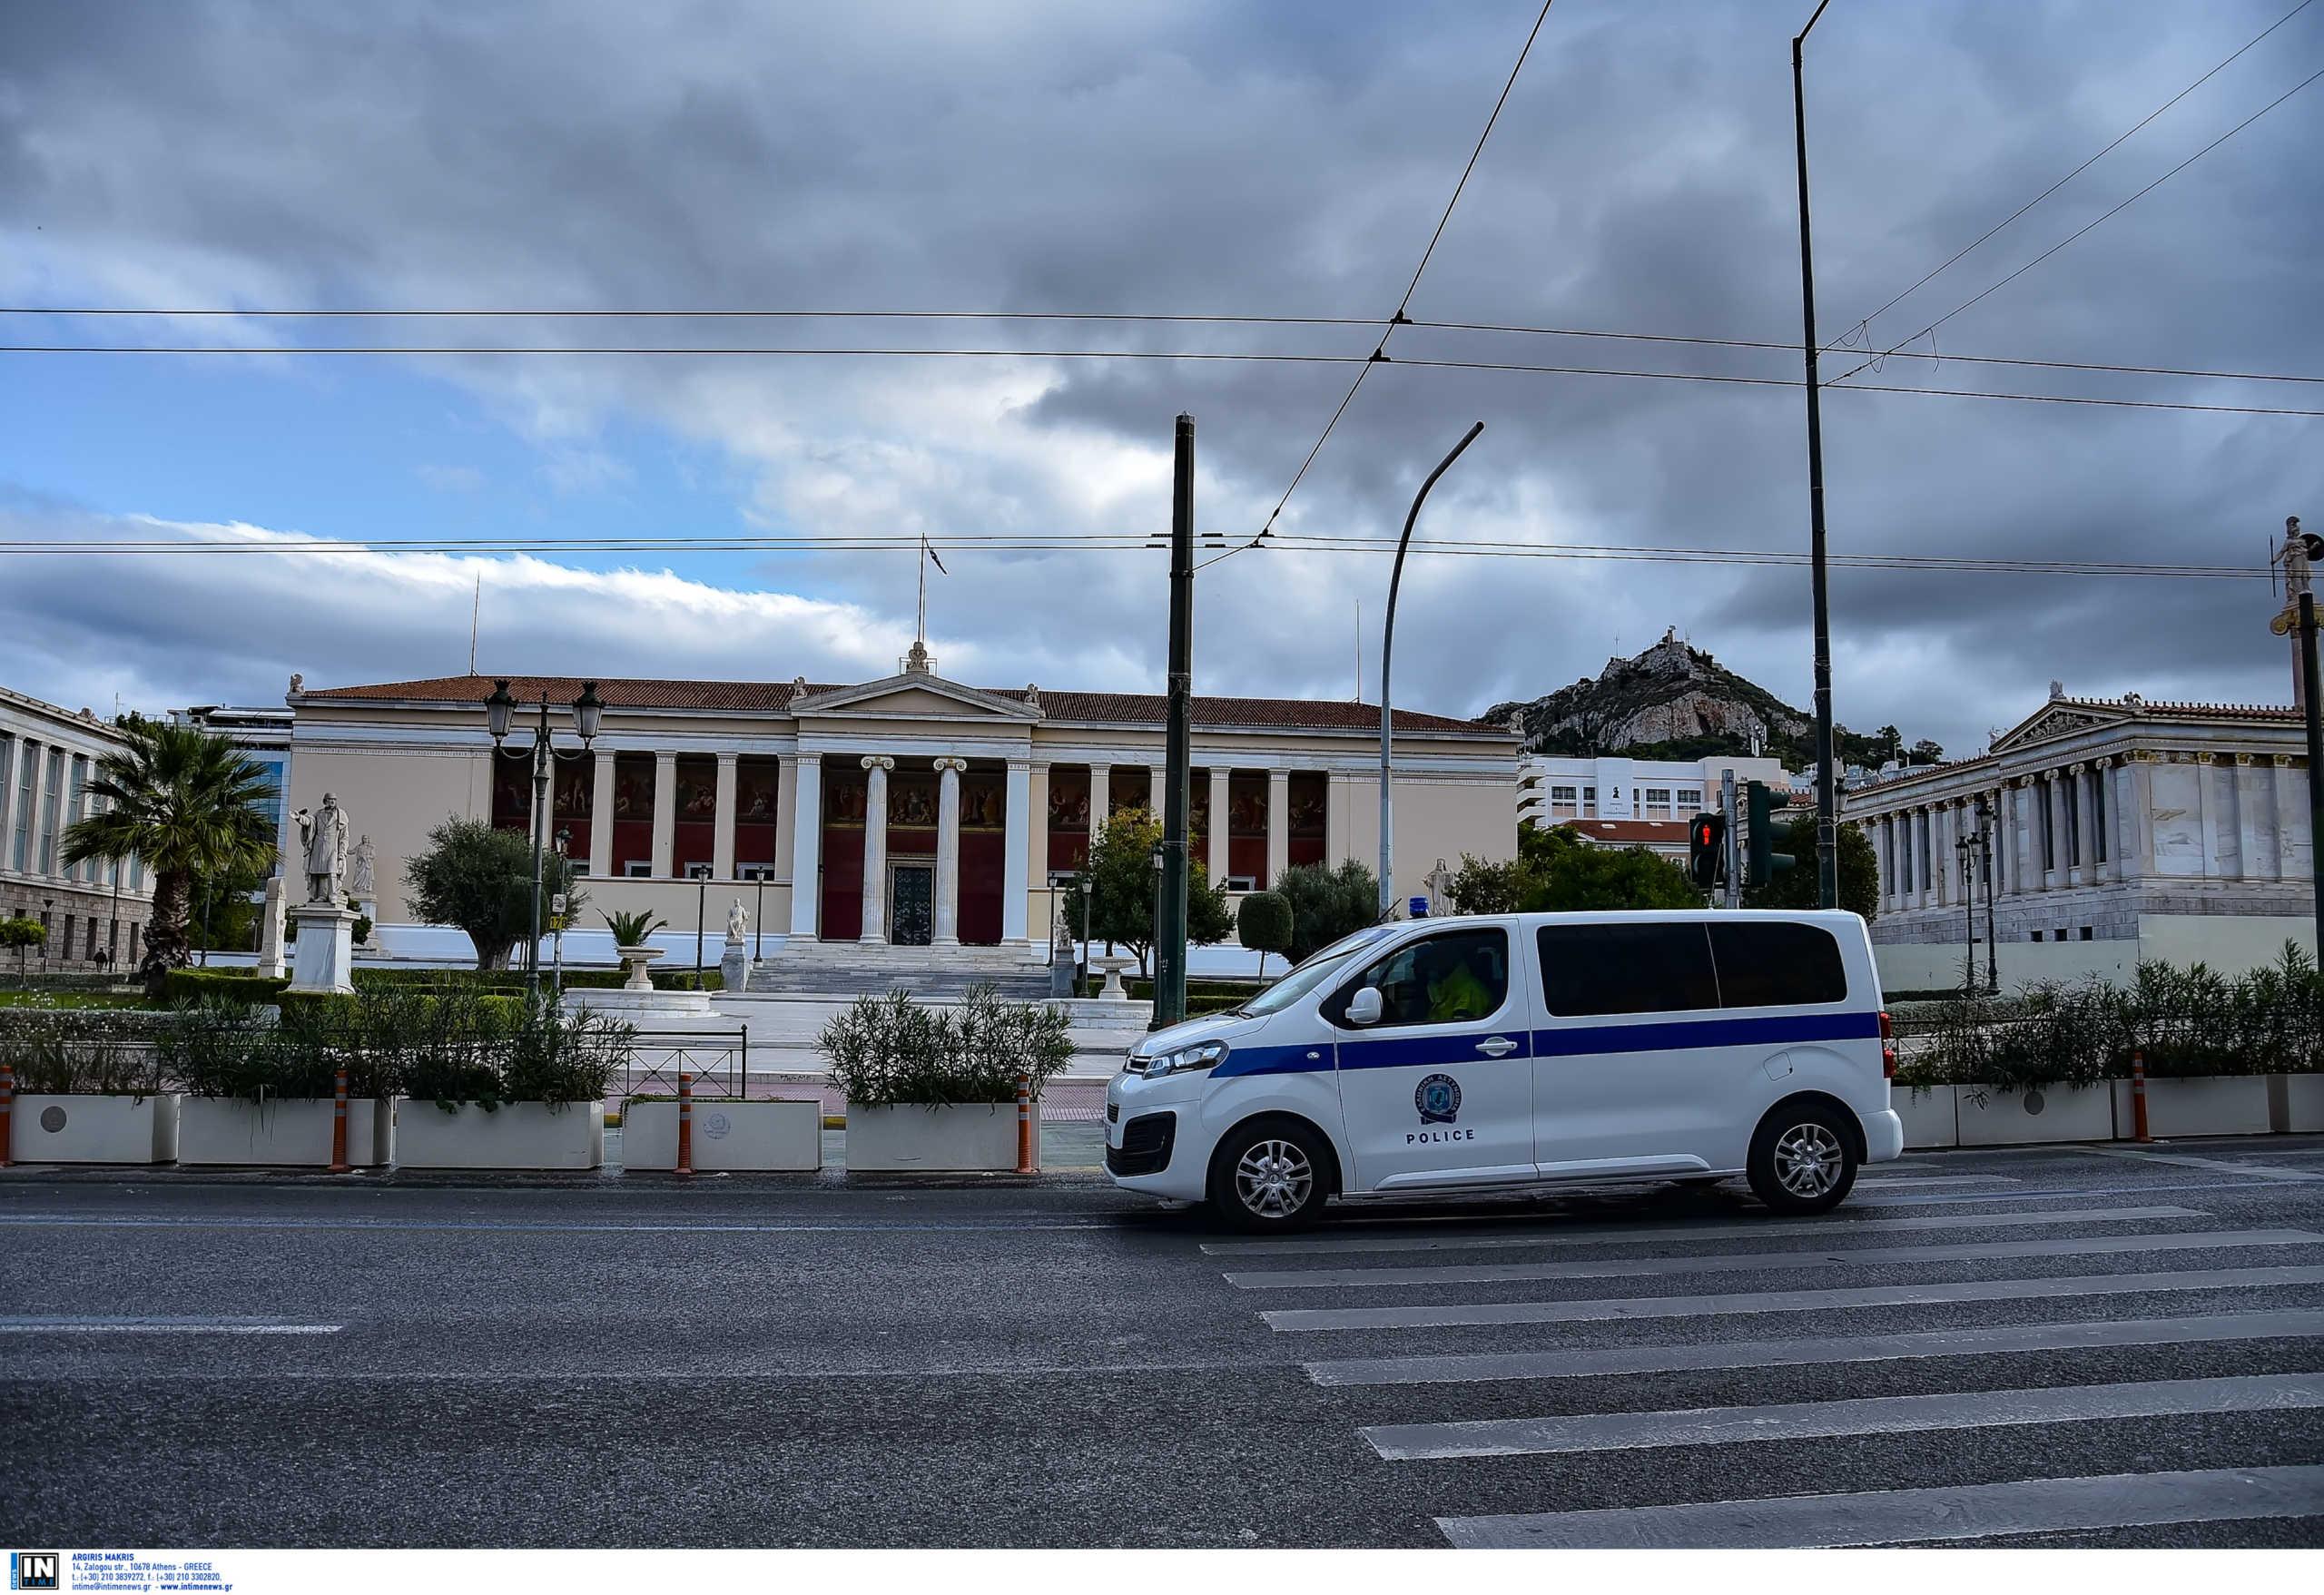 αστυνομία μέτρα απαγόρευση κυκλοφορίας